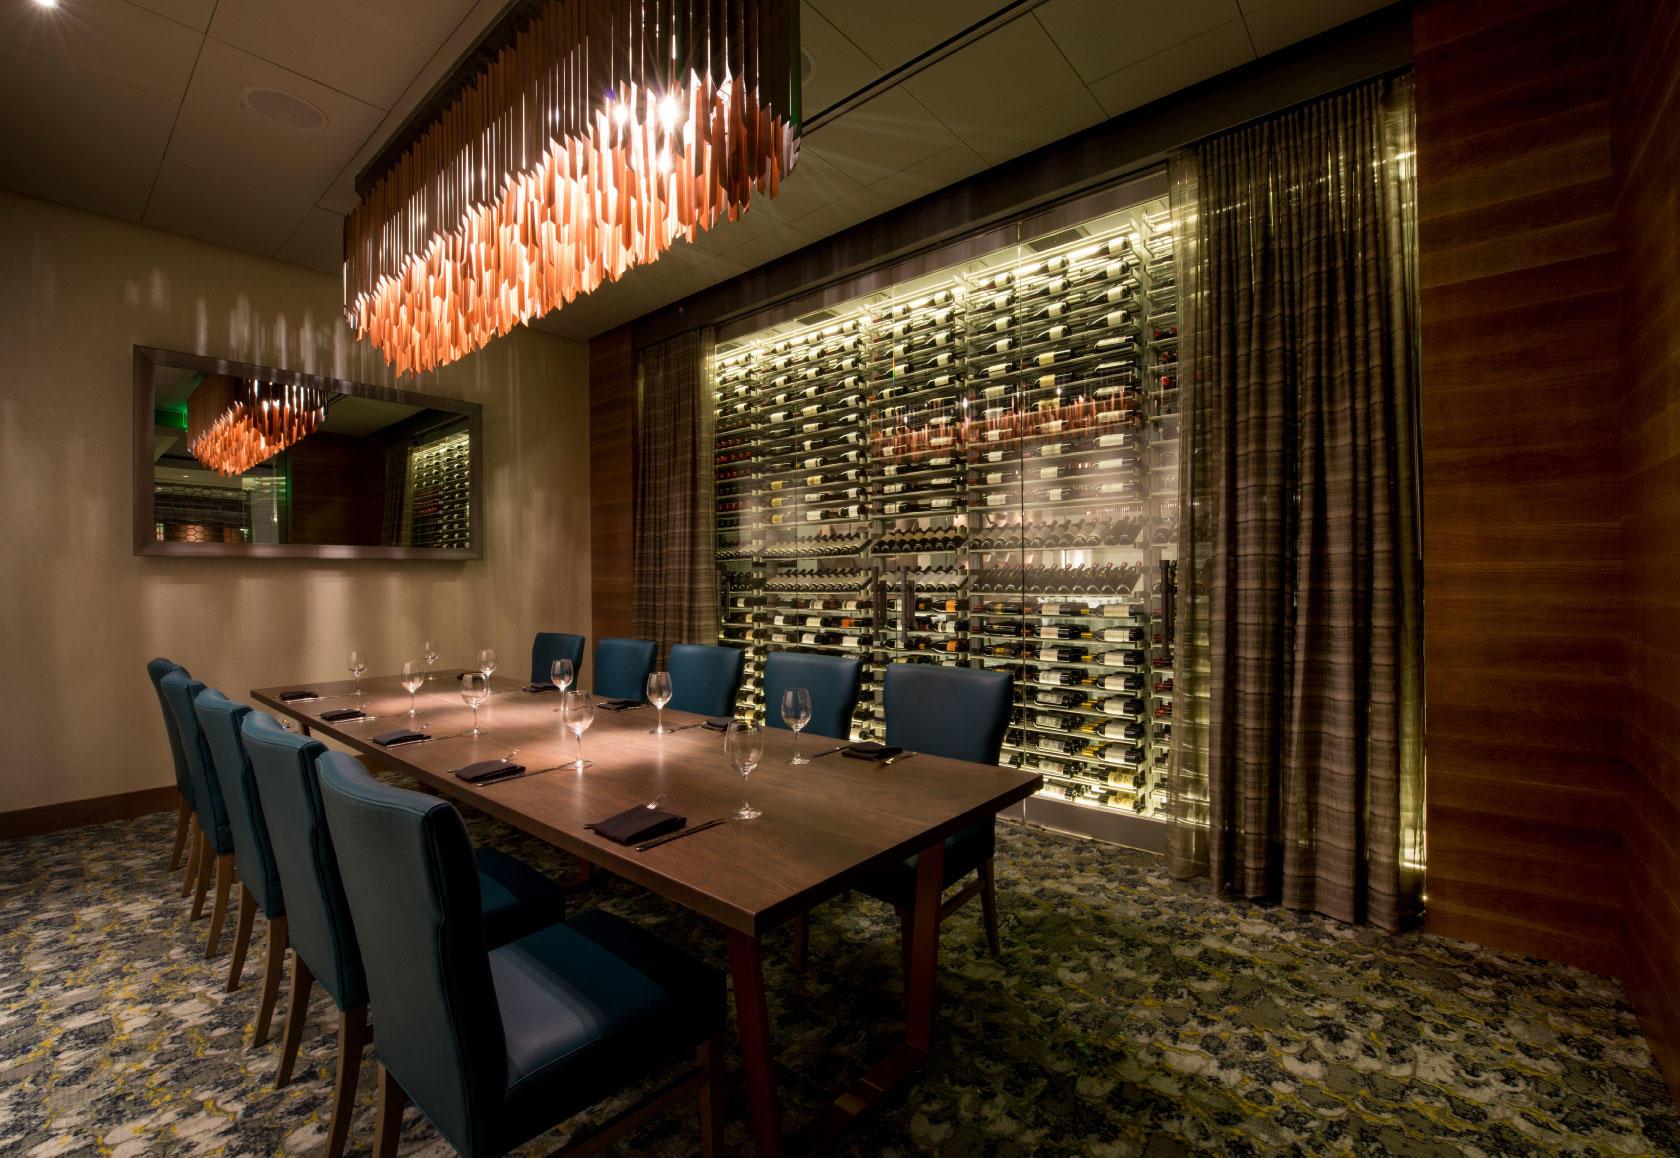 Del Frisco's Double Eagle Steakhouse image 0